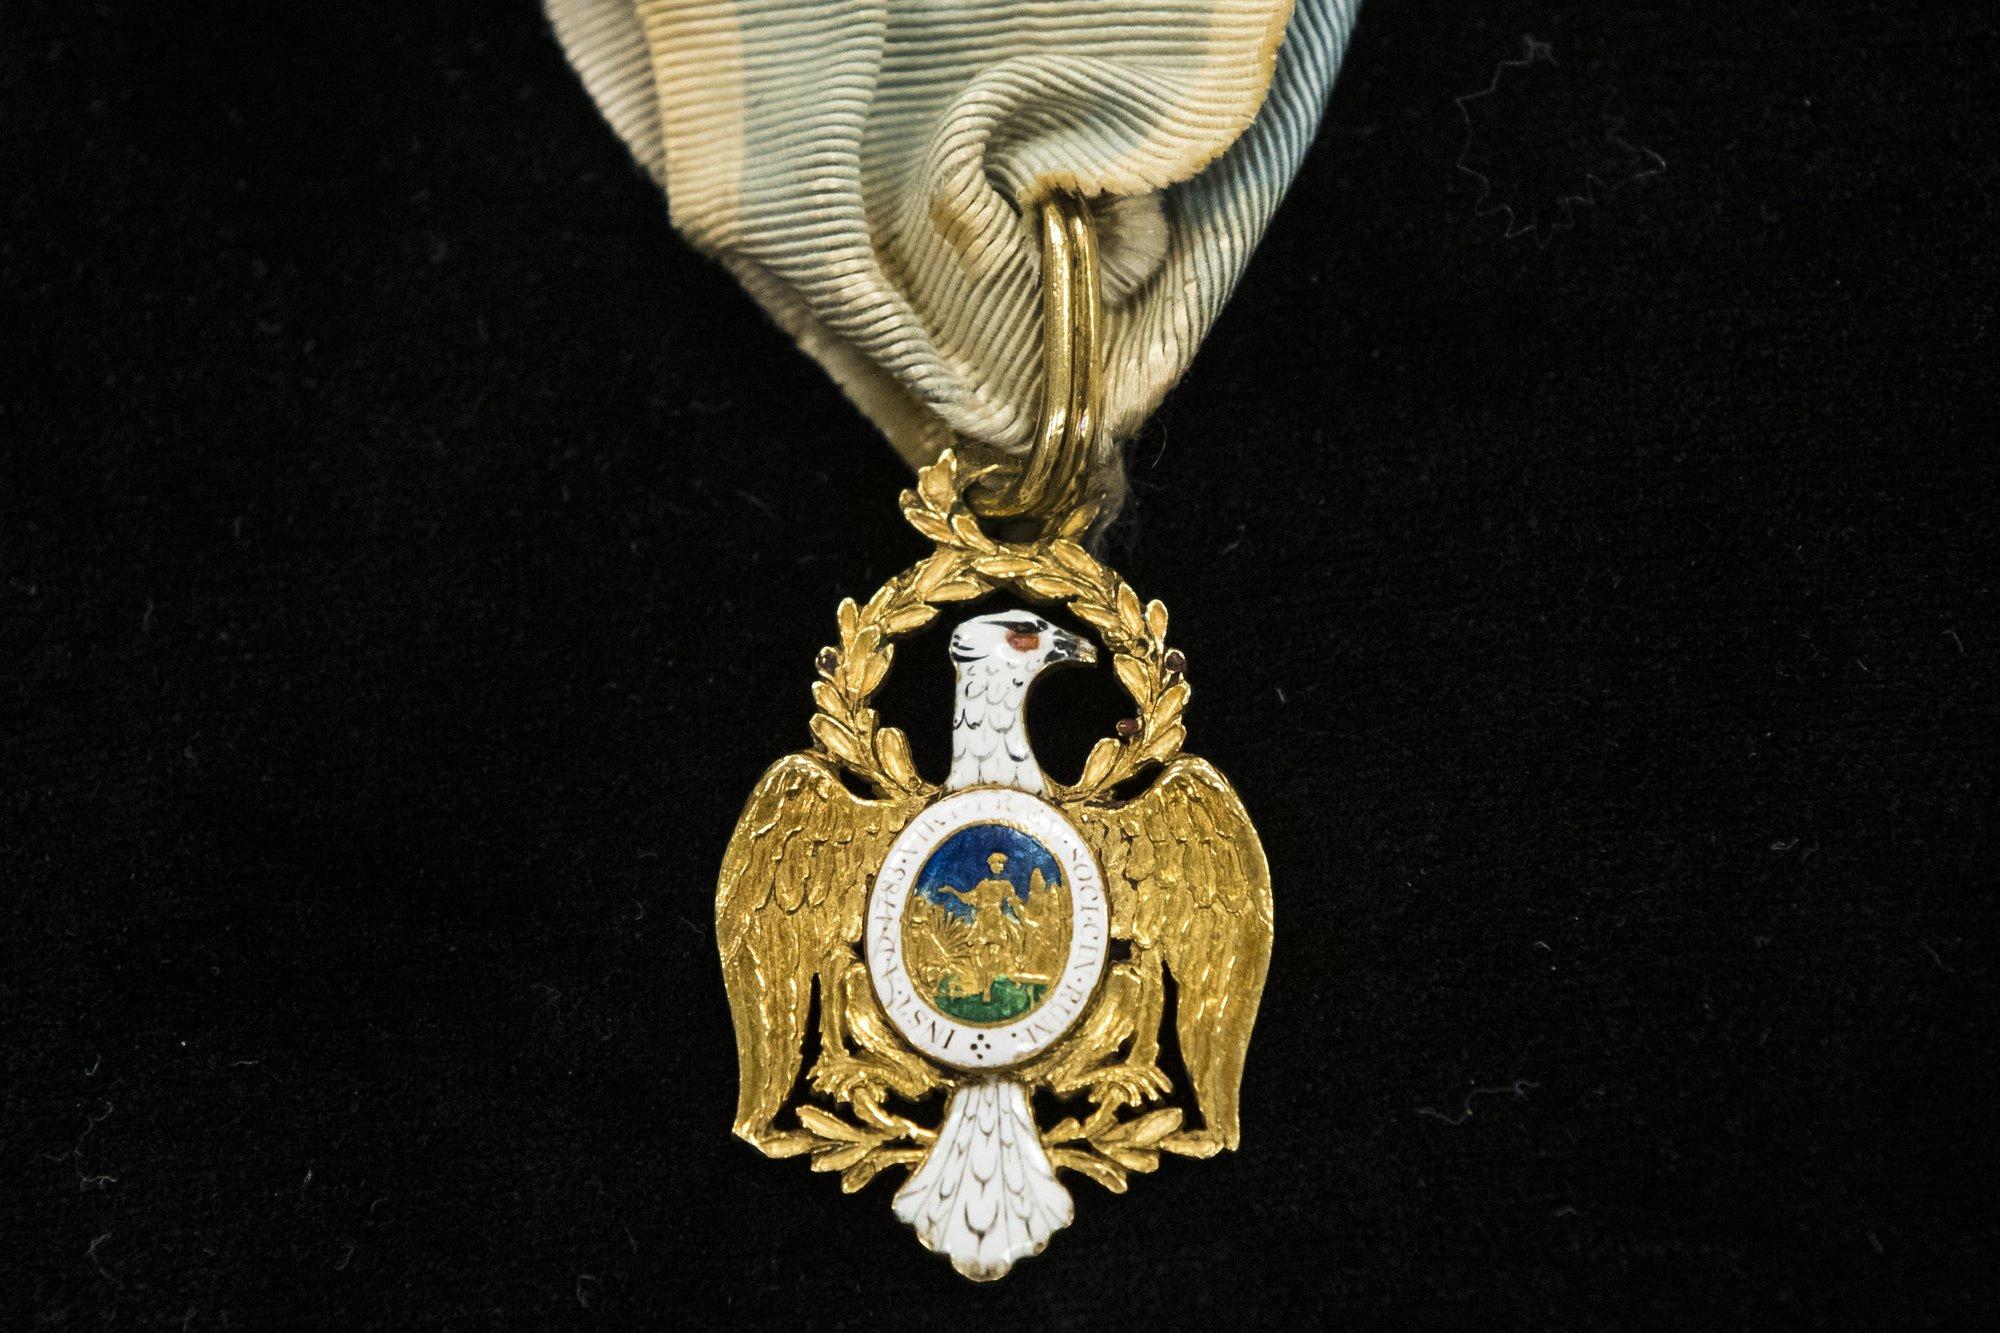 apnews.com - Kristen De Groot - Alexander Hamilton descendant loans heirlooms to museum